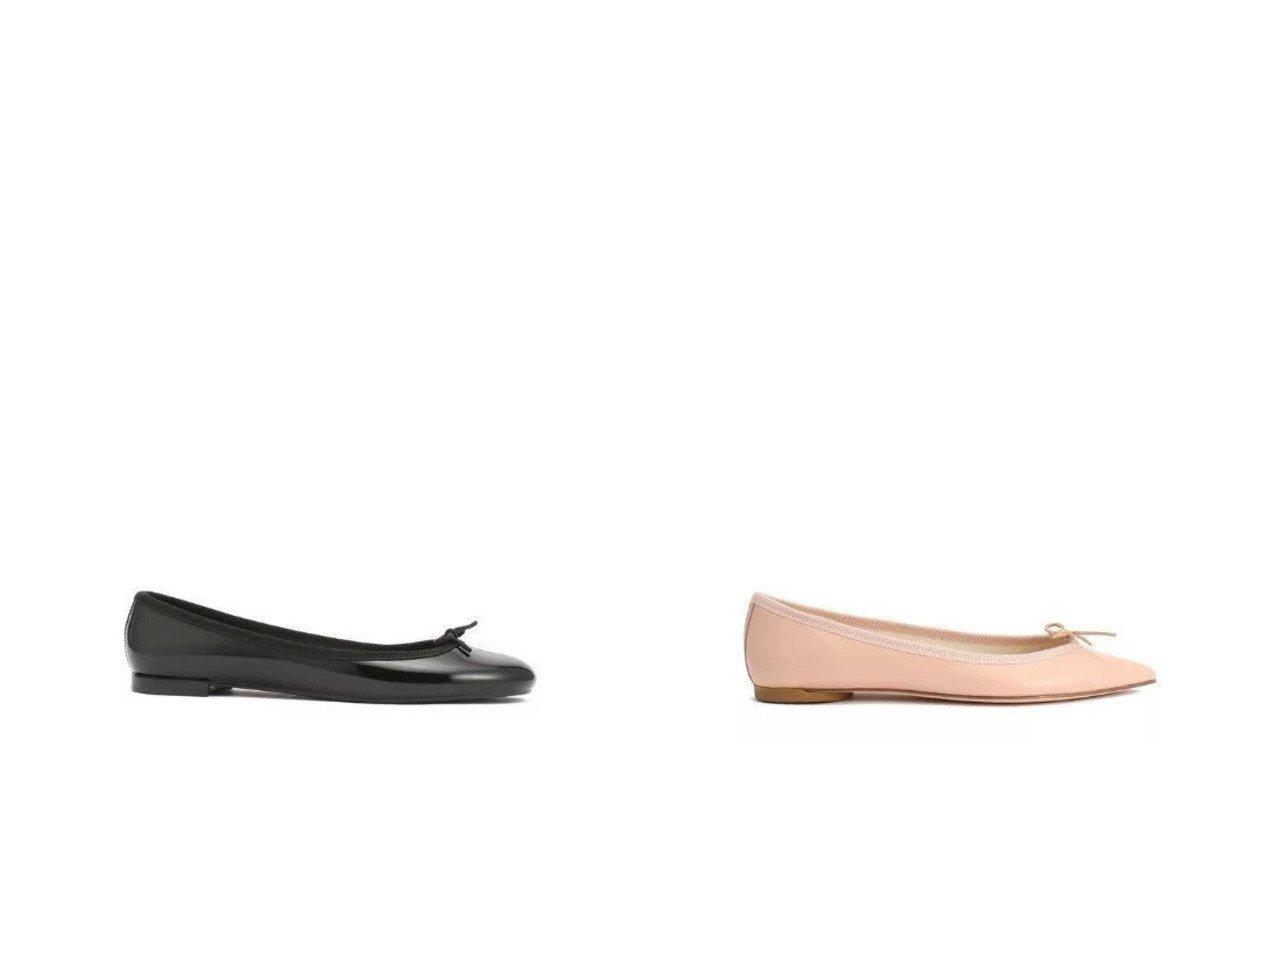 【repetto/レペット】のCendrillon Baby&Brigitte Ballerinas repettoのおすすめ!人気、トレンド・レディースファッションの通販 おすすめで人気の流行・トレンド、ファッションの通販商品 メンズファッション・キッズファッション・インテリア・家具・レディースファッション・服の通販 founy(ファニー) https://founy.com/ ファッション Fashion レディースファッション WOMEN シューズ フロント ラバー リボン バレエ フィット フラット レース |ID:crp329100000019111